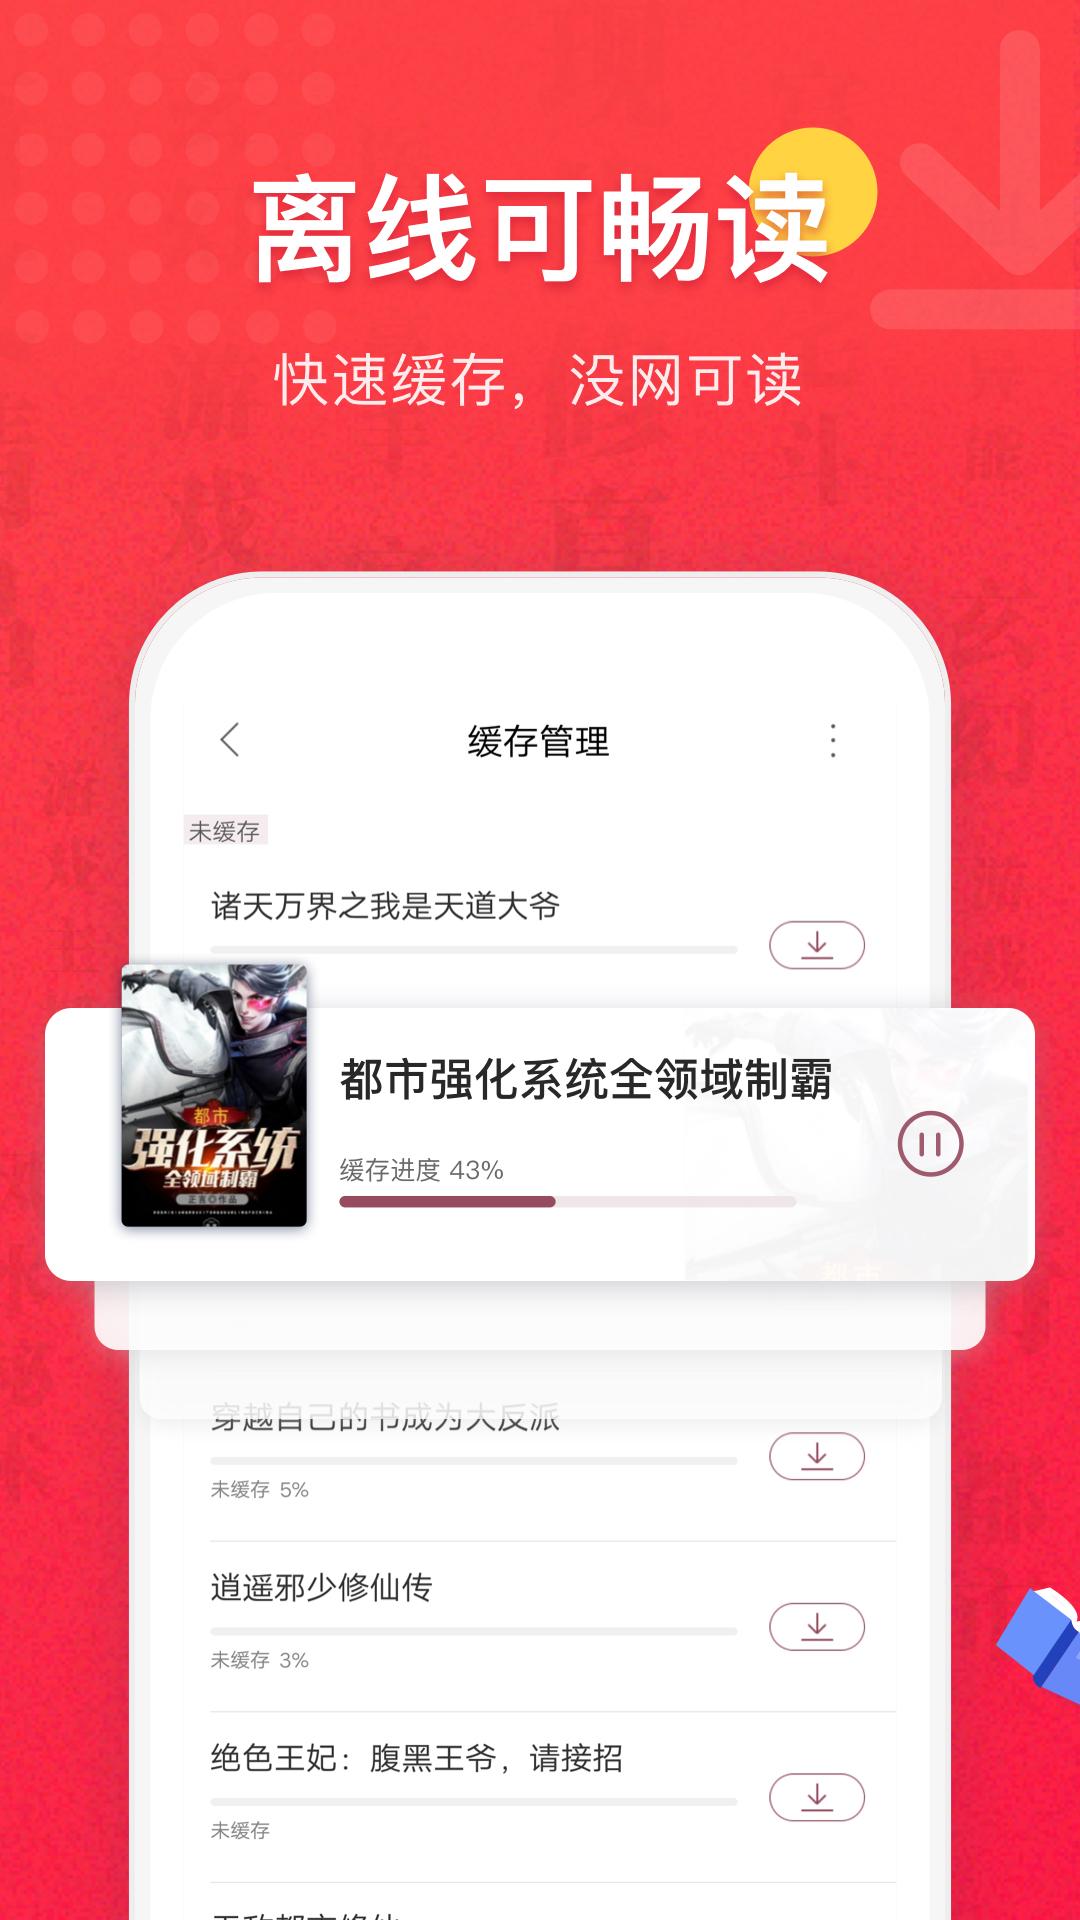 2020年全本小说排行_快读全本小说安卓版下载 快读全本小说 v1.3.5手机版